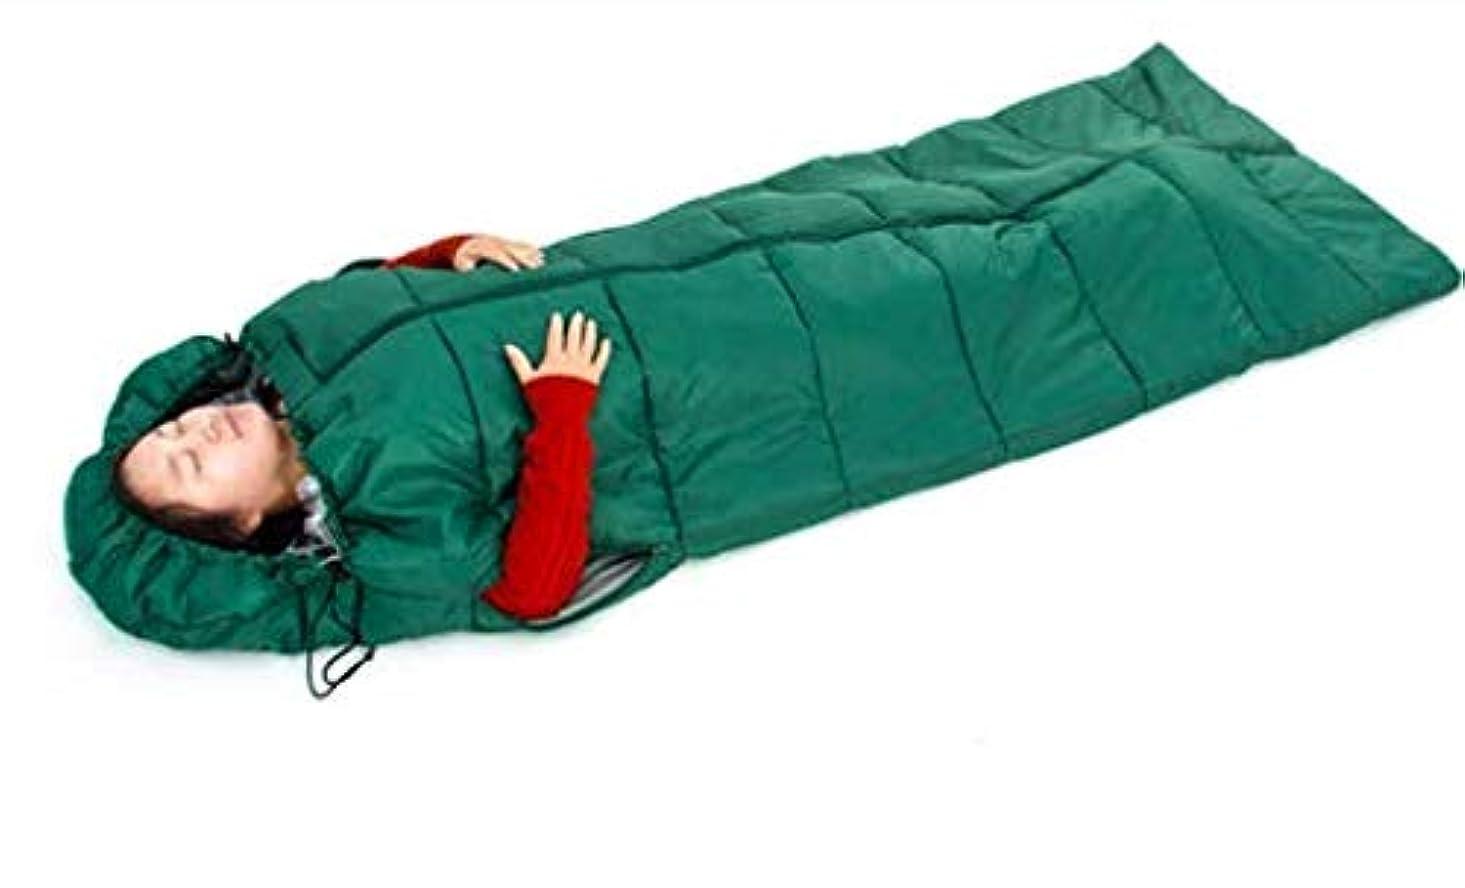 シード測定可能なので2.5キログラム冬超軽量ダウンコットン寝袋怠惰な手の寝袋取り外し可能な洗浄ライナー屋外寝袋